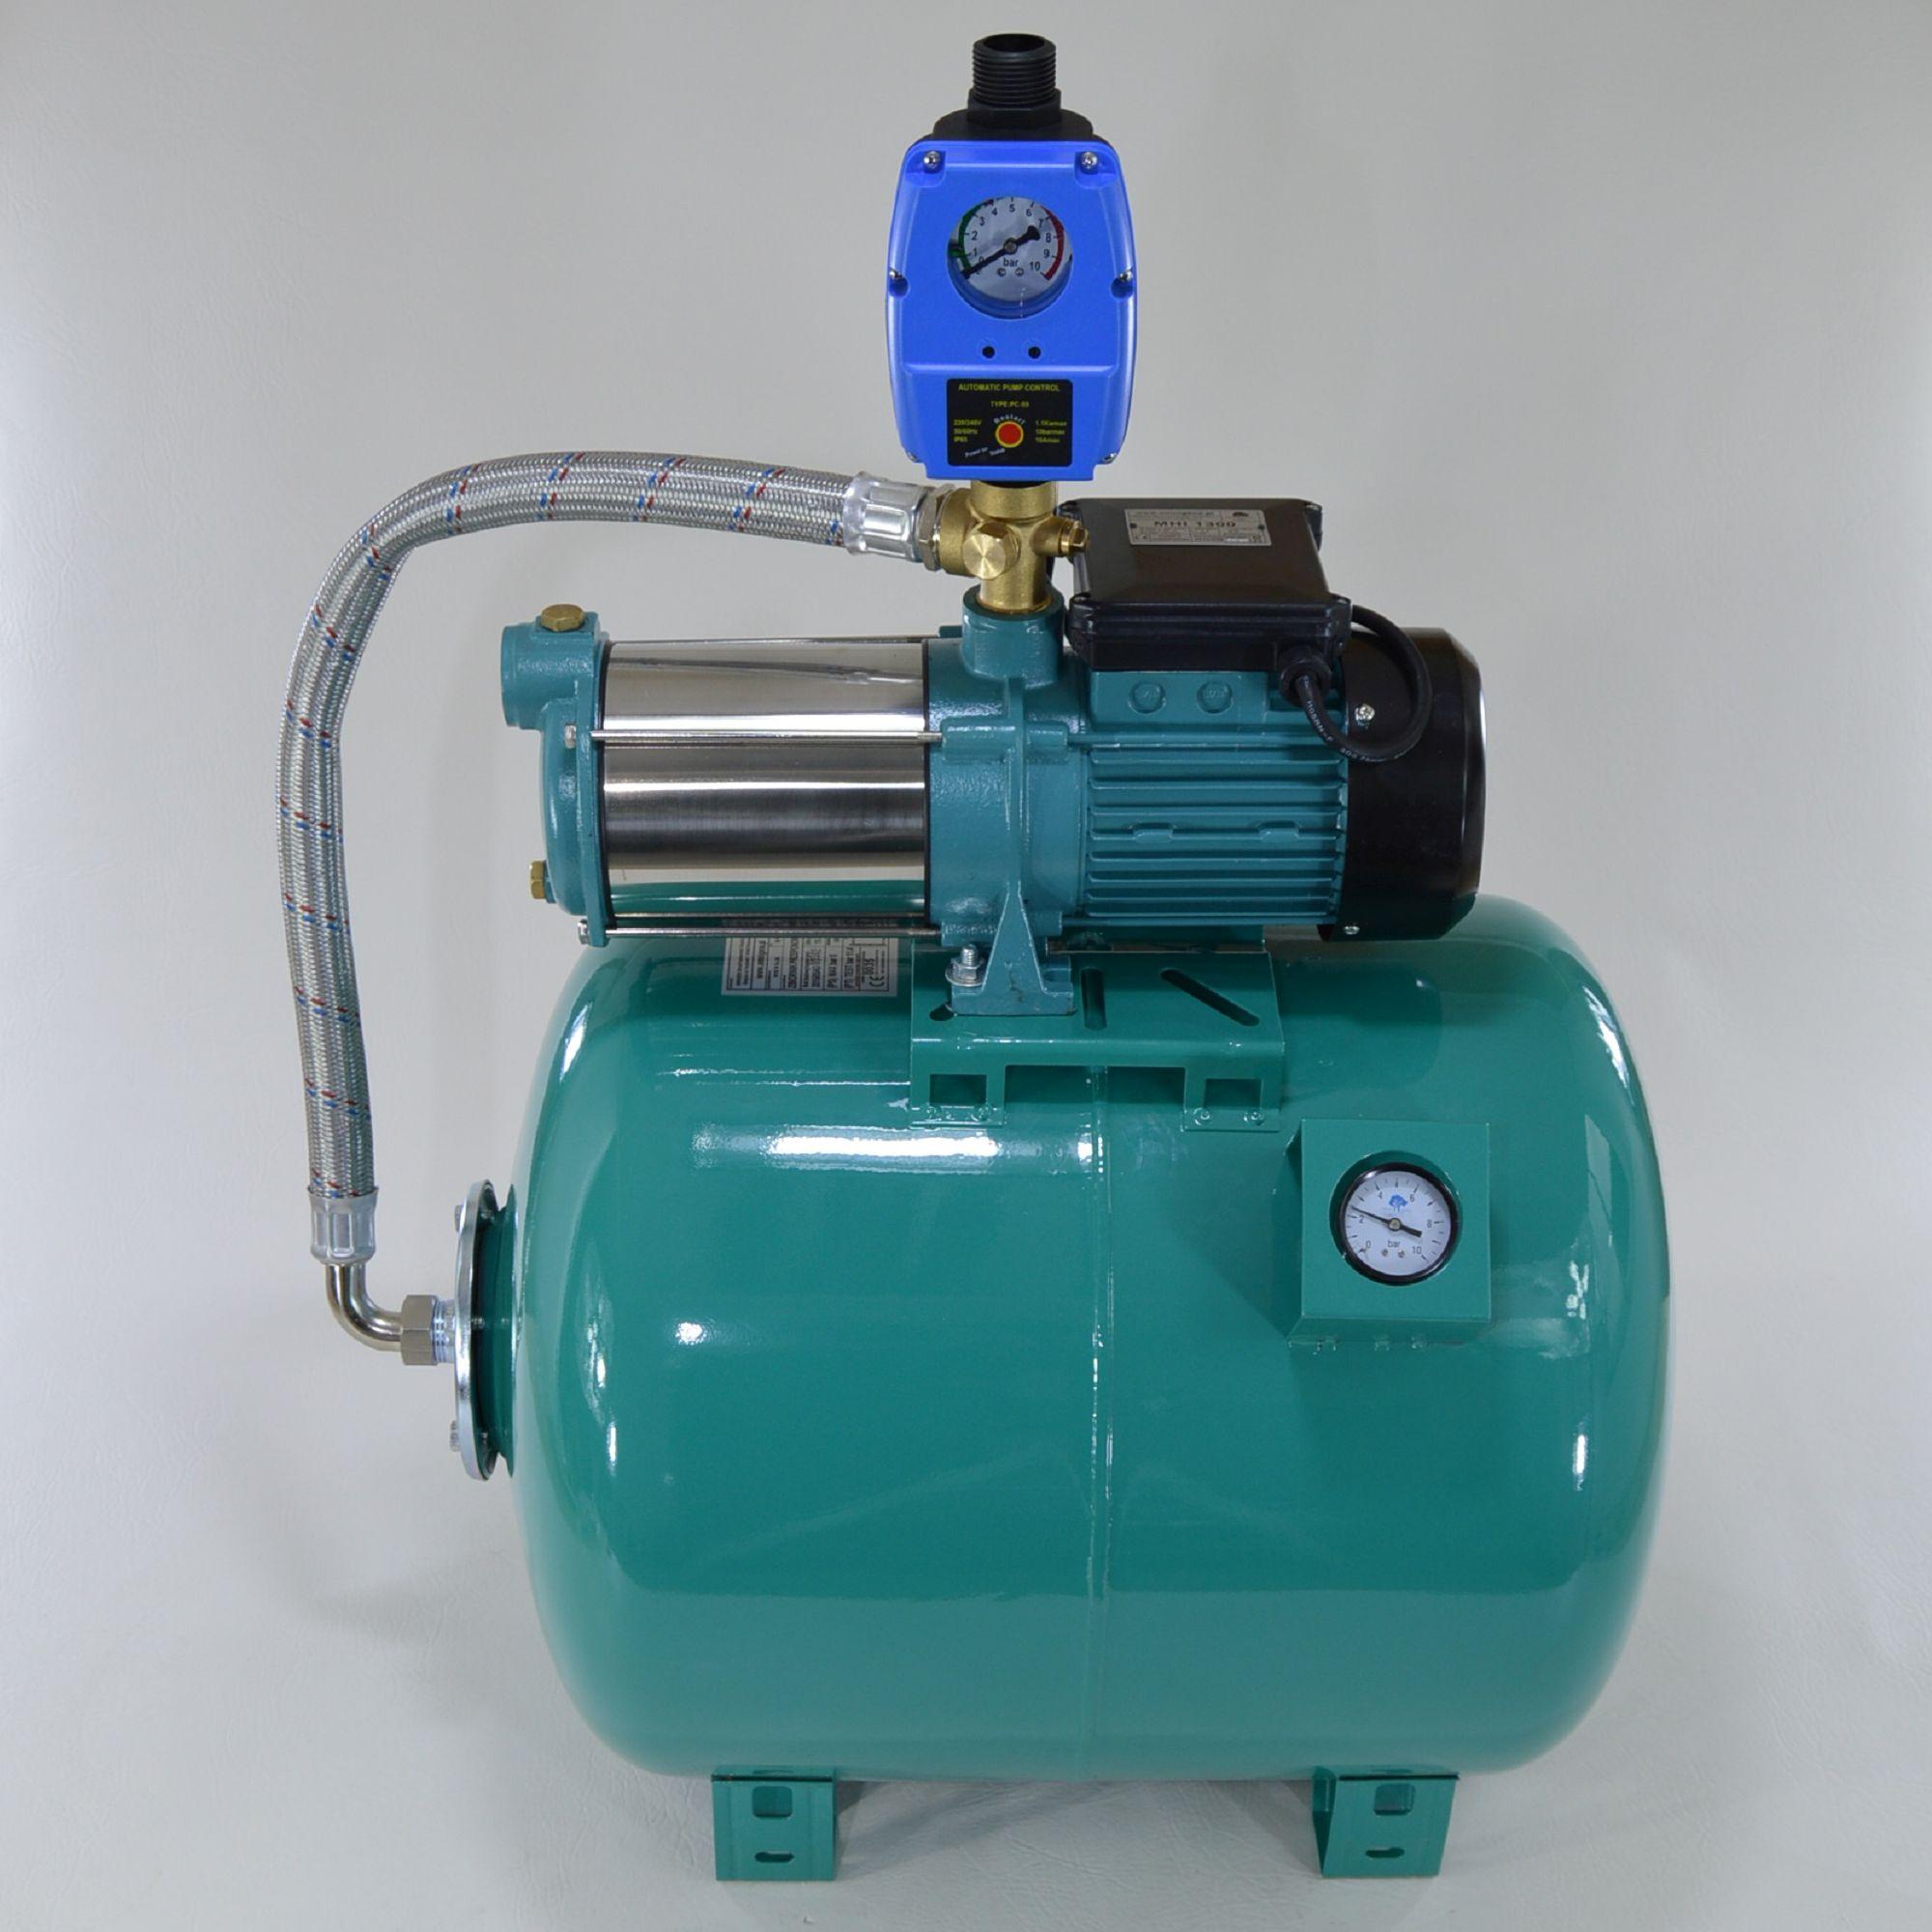 hauswasserwerk 80 l pumpe 1300w inox mit pumpensteurung. Black Bedroom Furniture Sets. Home Design Ideas